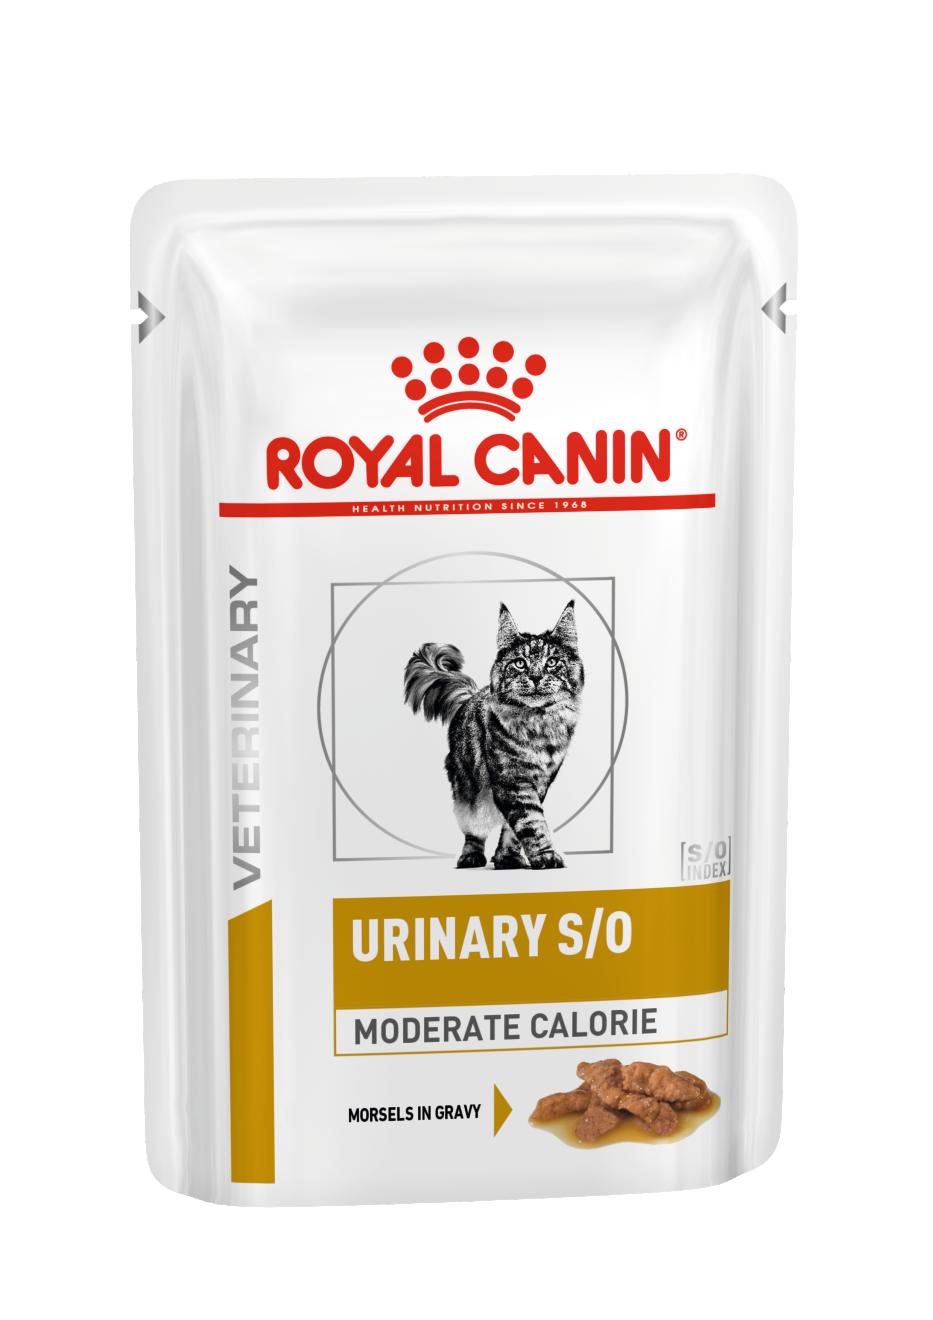 Royal Canin Urinary S/O Moderate Calorie влажный корм для кошек всех возрастов низкокалорийный при МКБ 85г